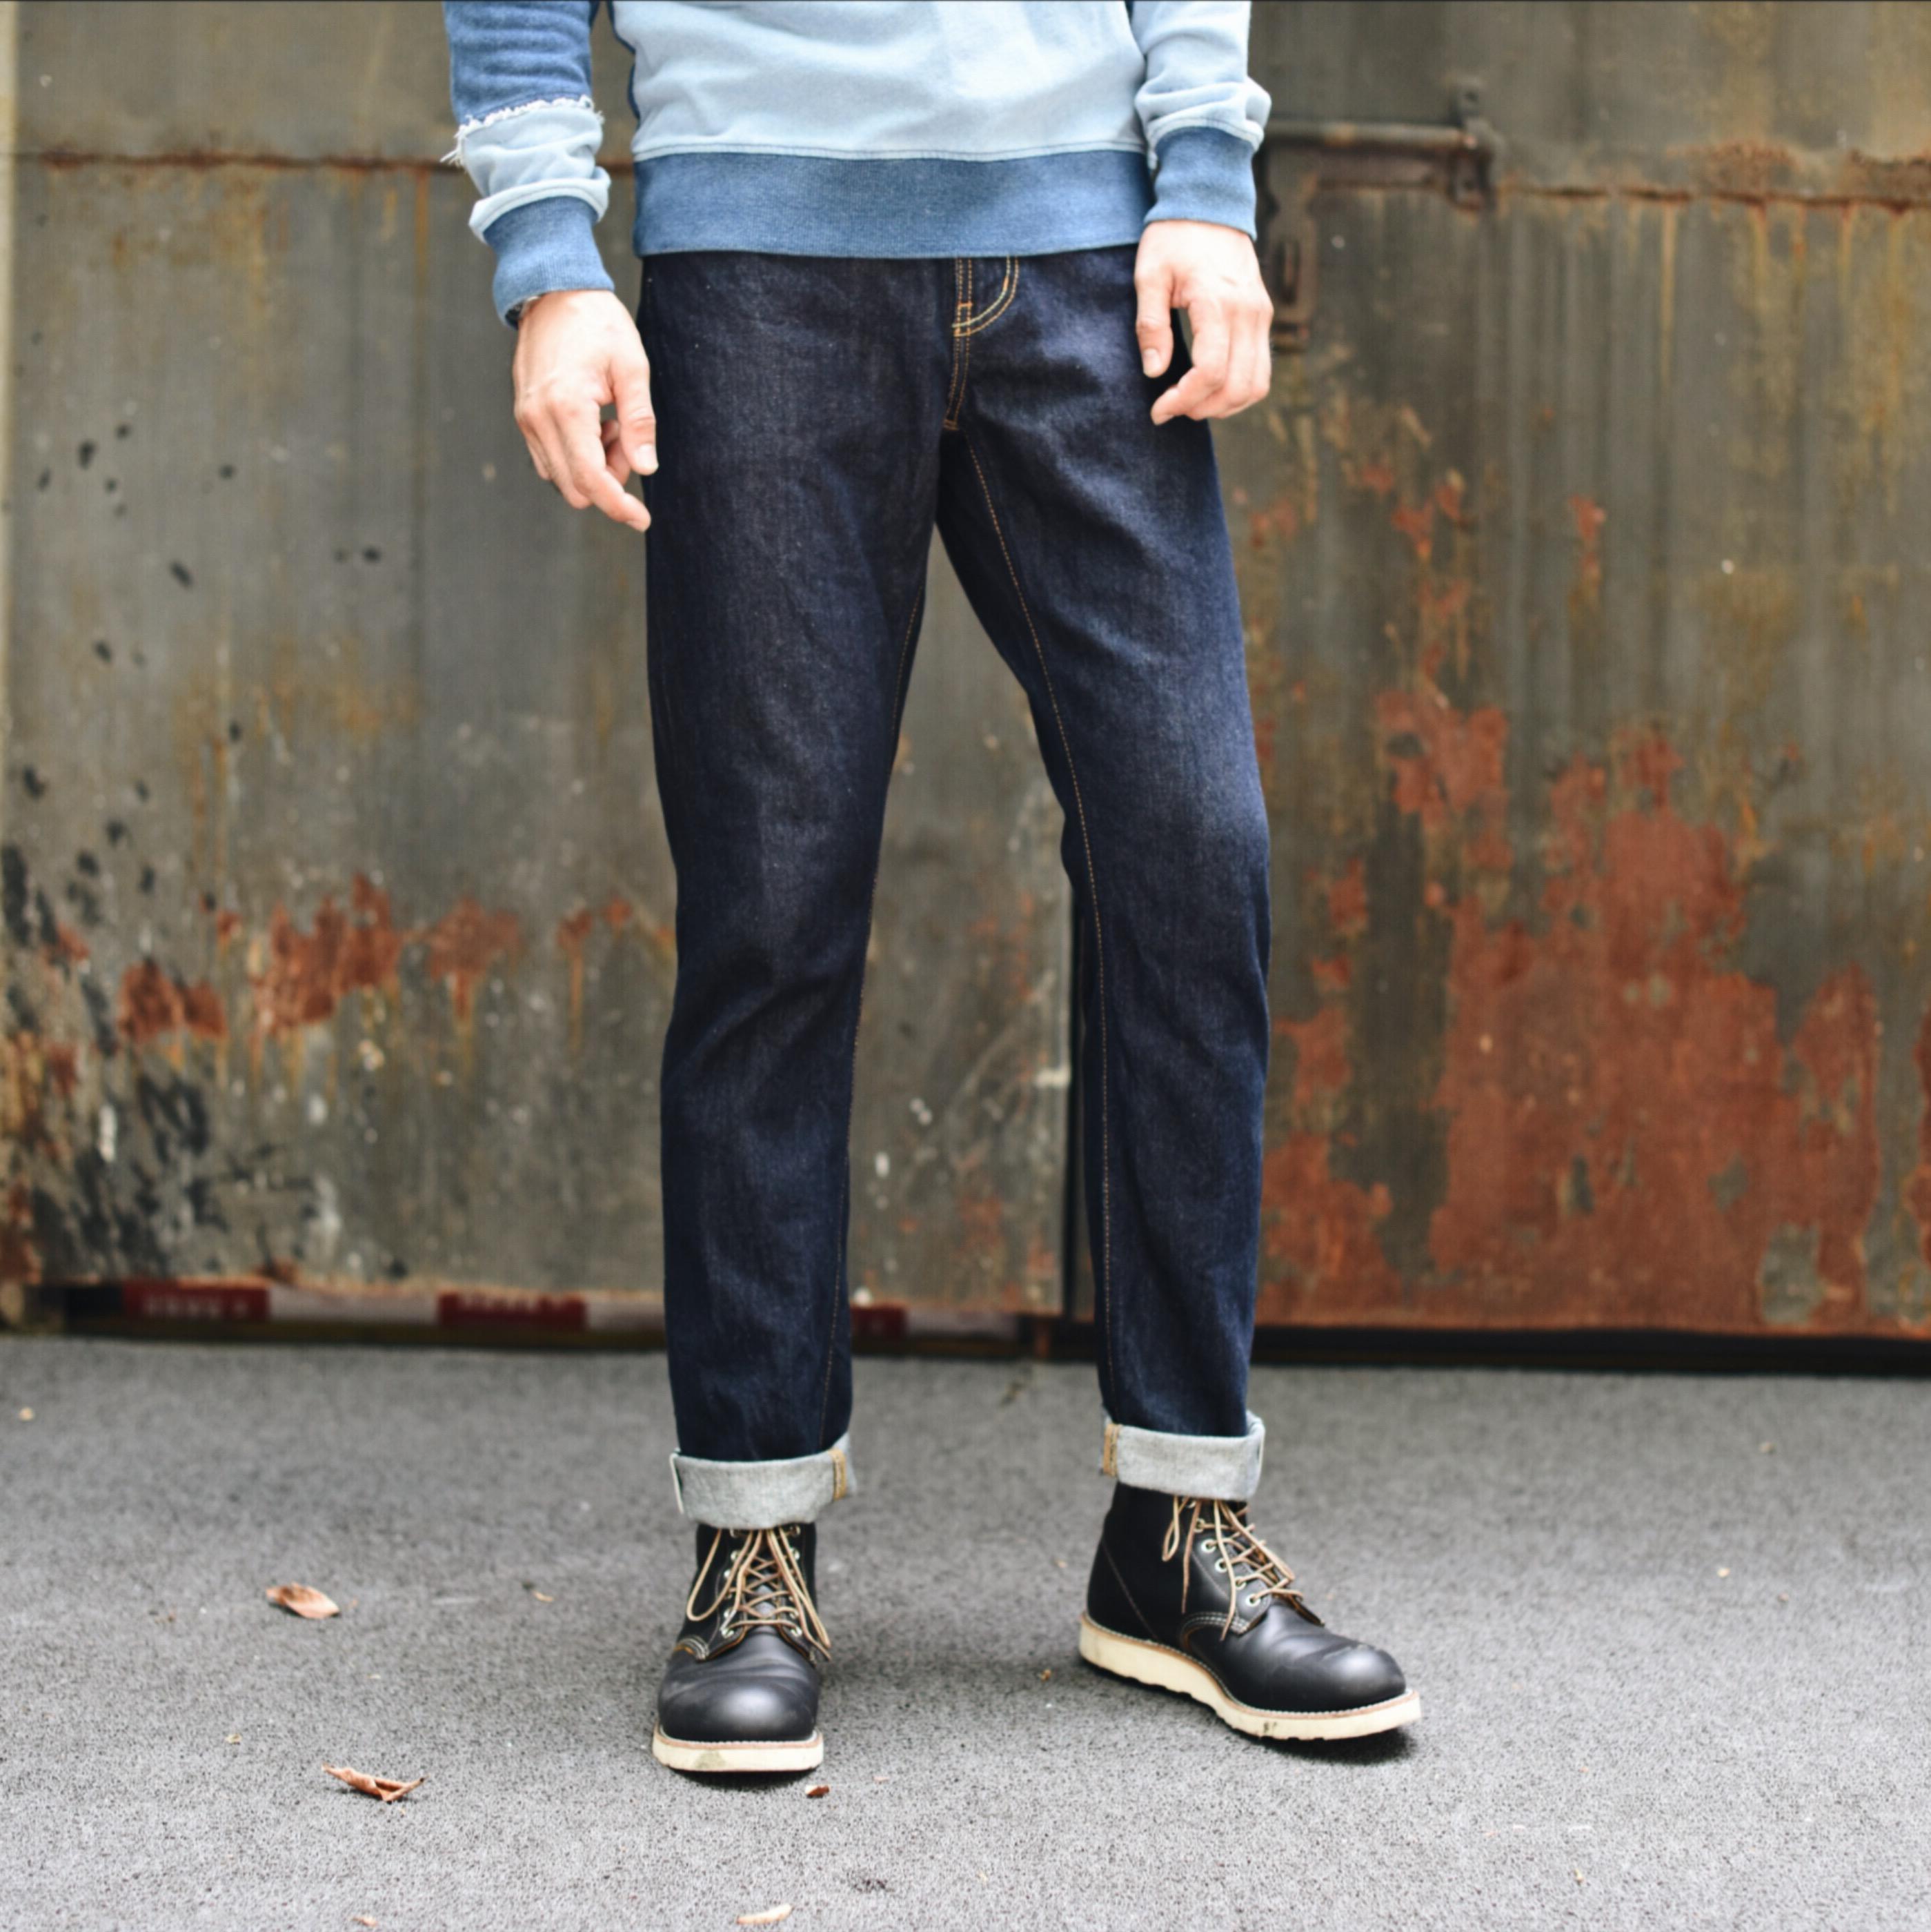 沾酱314XX拉链牛仔裤男士修身长裤 丹宁潮男装小脚原牛 赤耳 丹宁